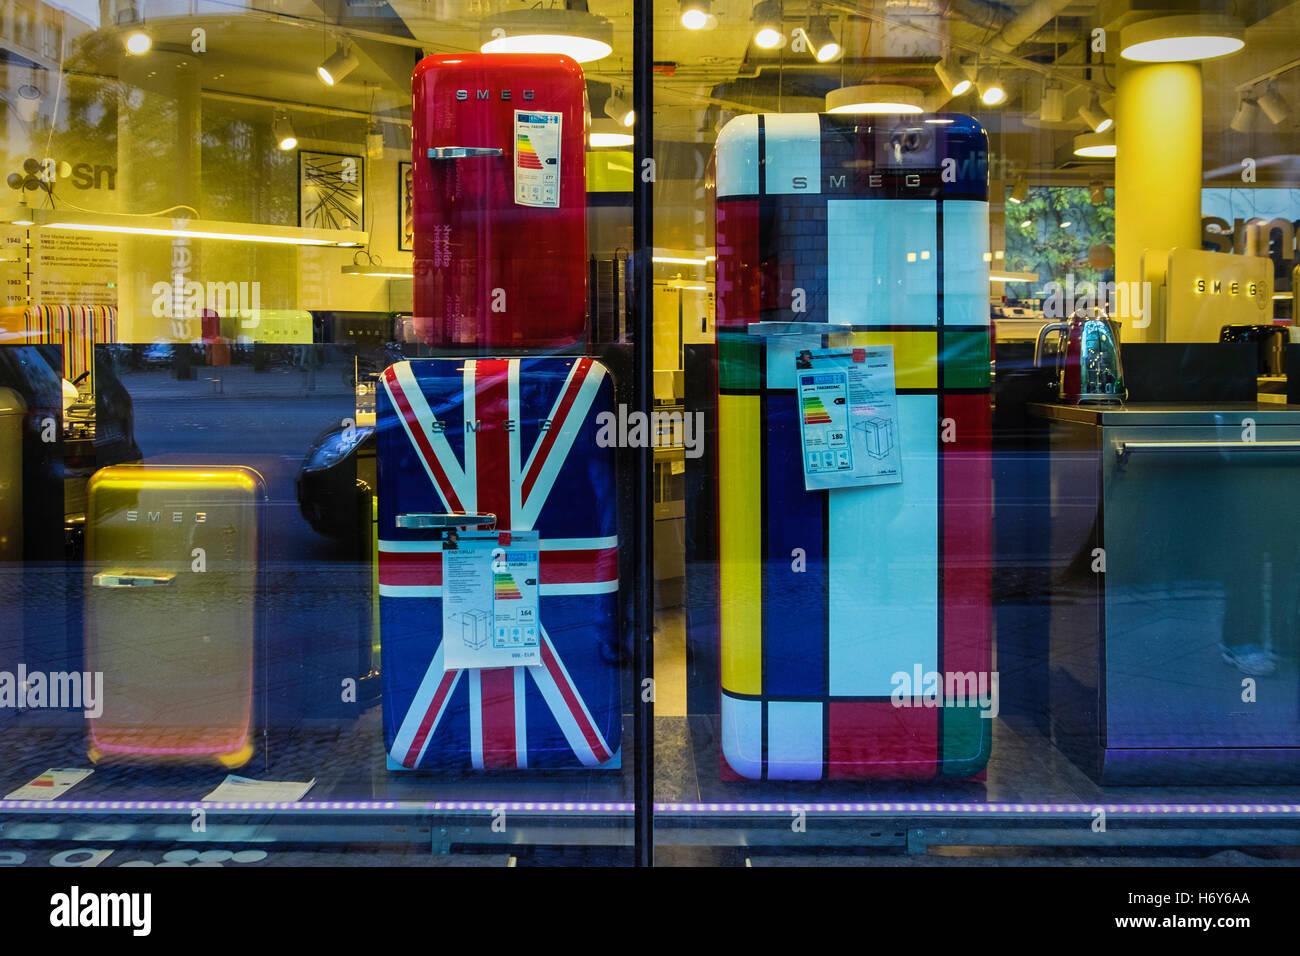 Berlin Smeg Store nella finestra di visualizzazione. Shop vende ...